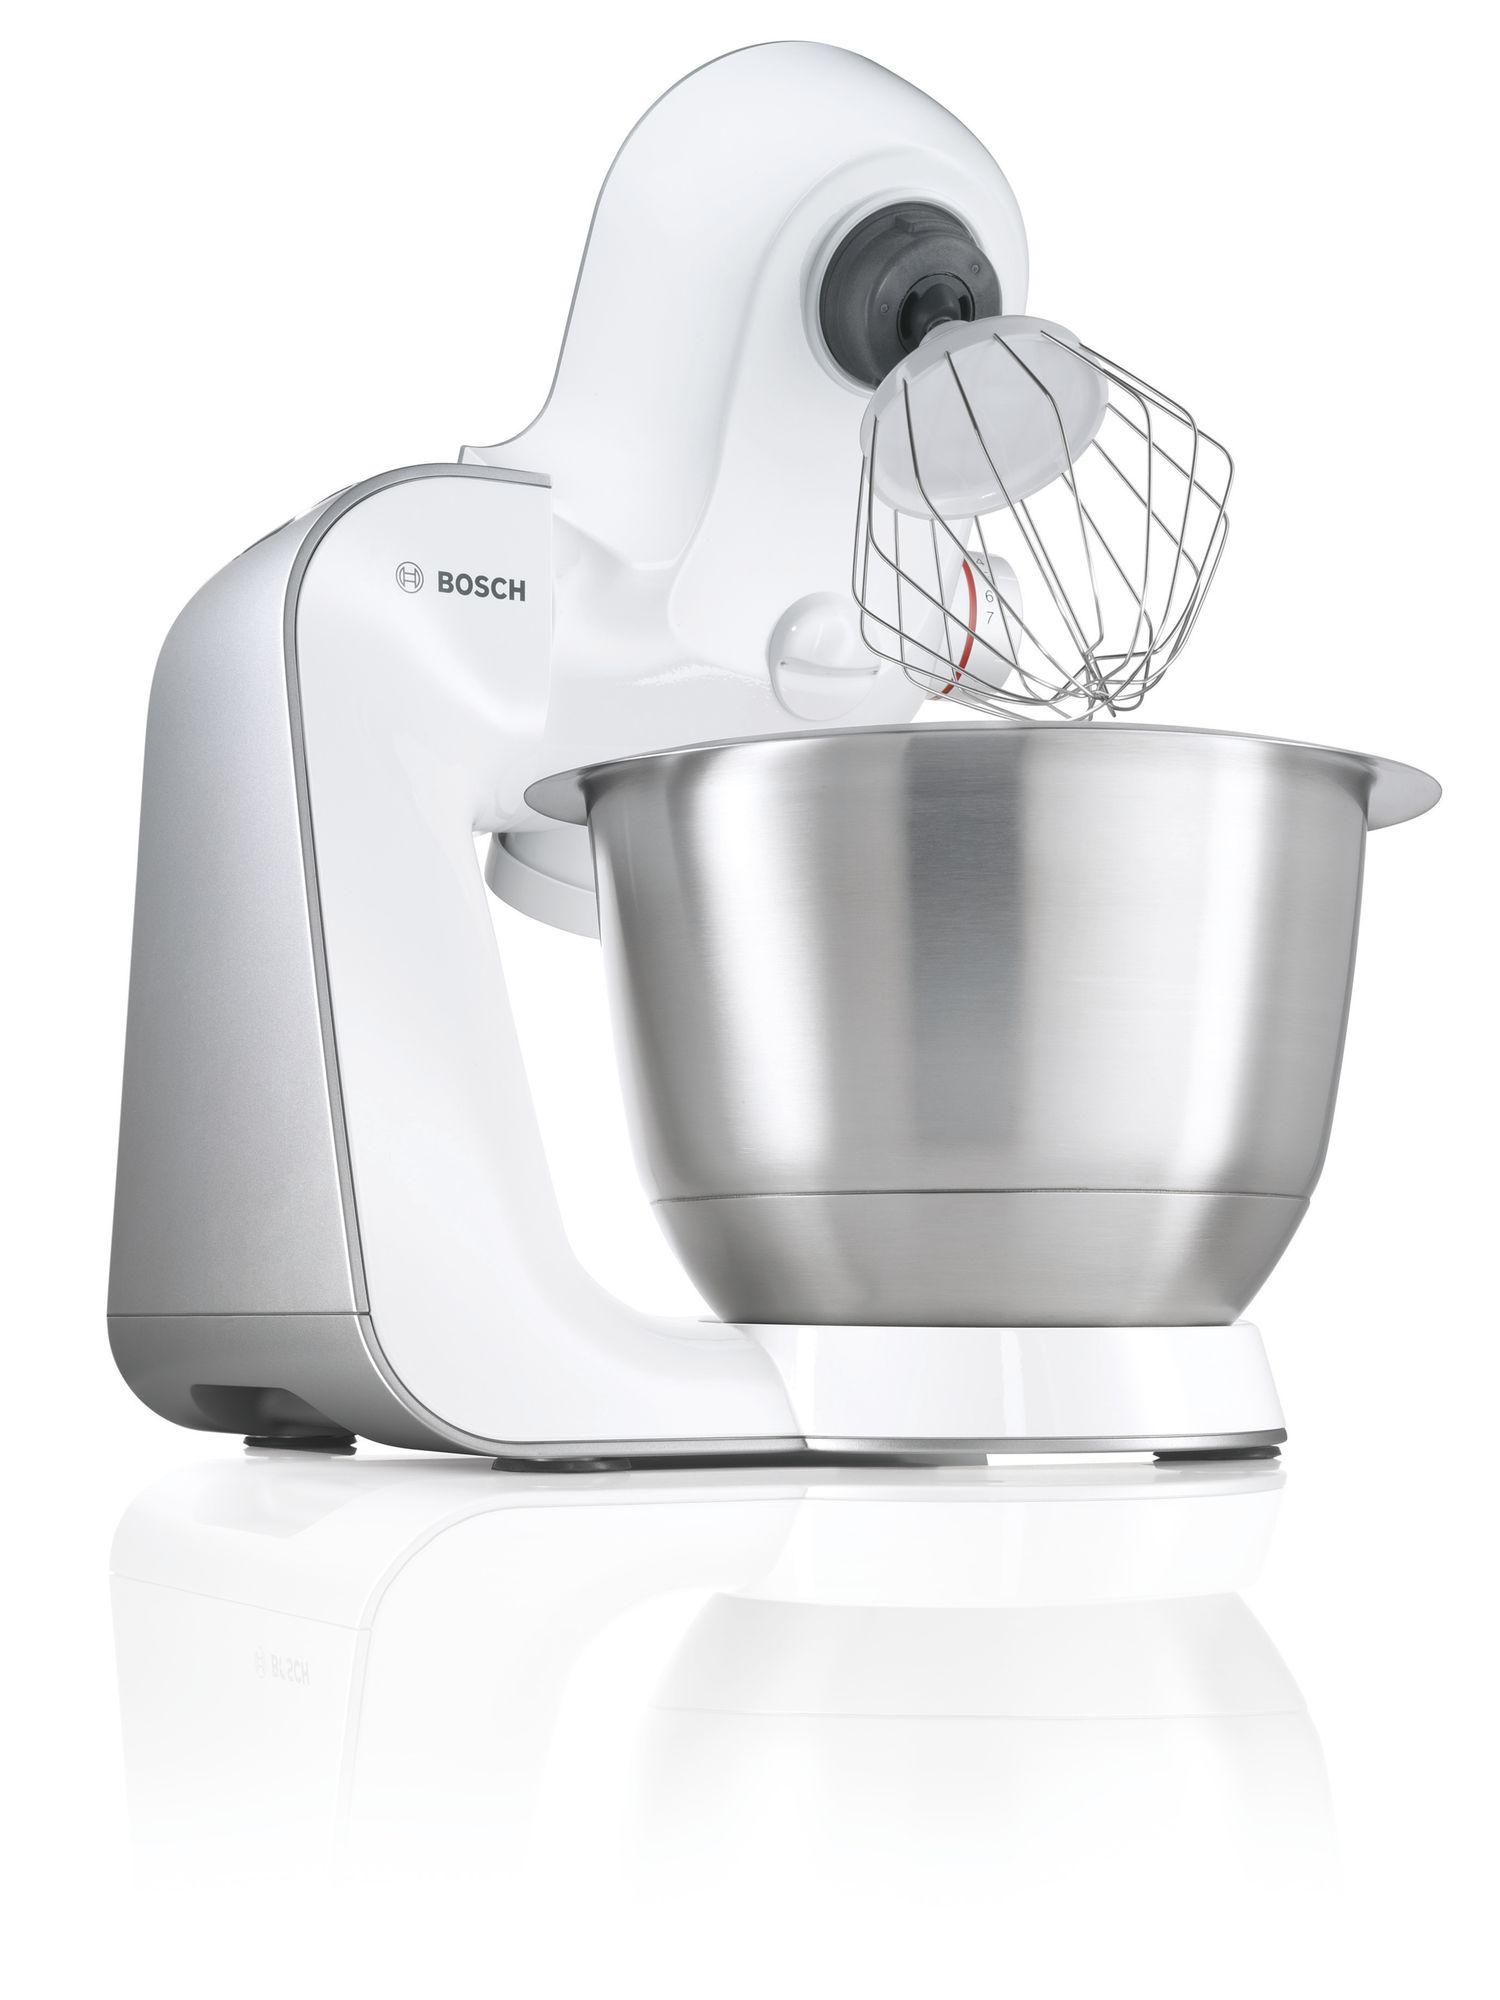 Bosch MUM54251 wygląd robota kuchennego planetarnego